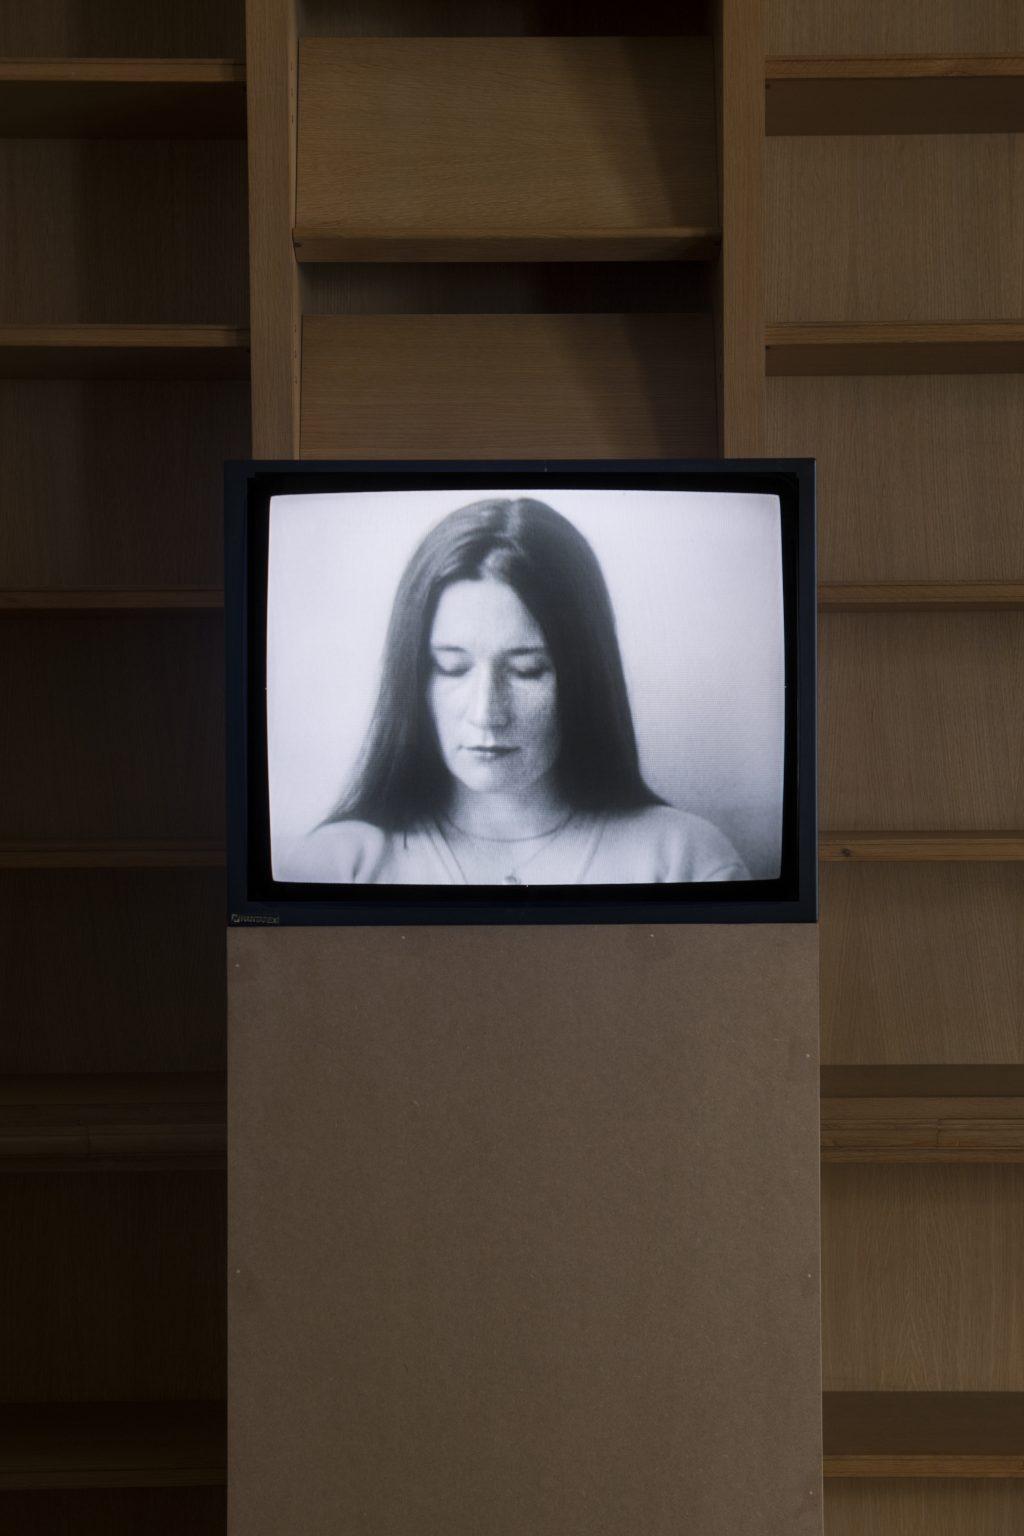 Manon de Boer, installation view at Jan Mot 2015